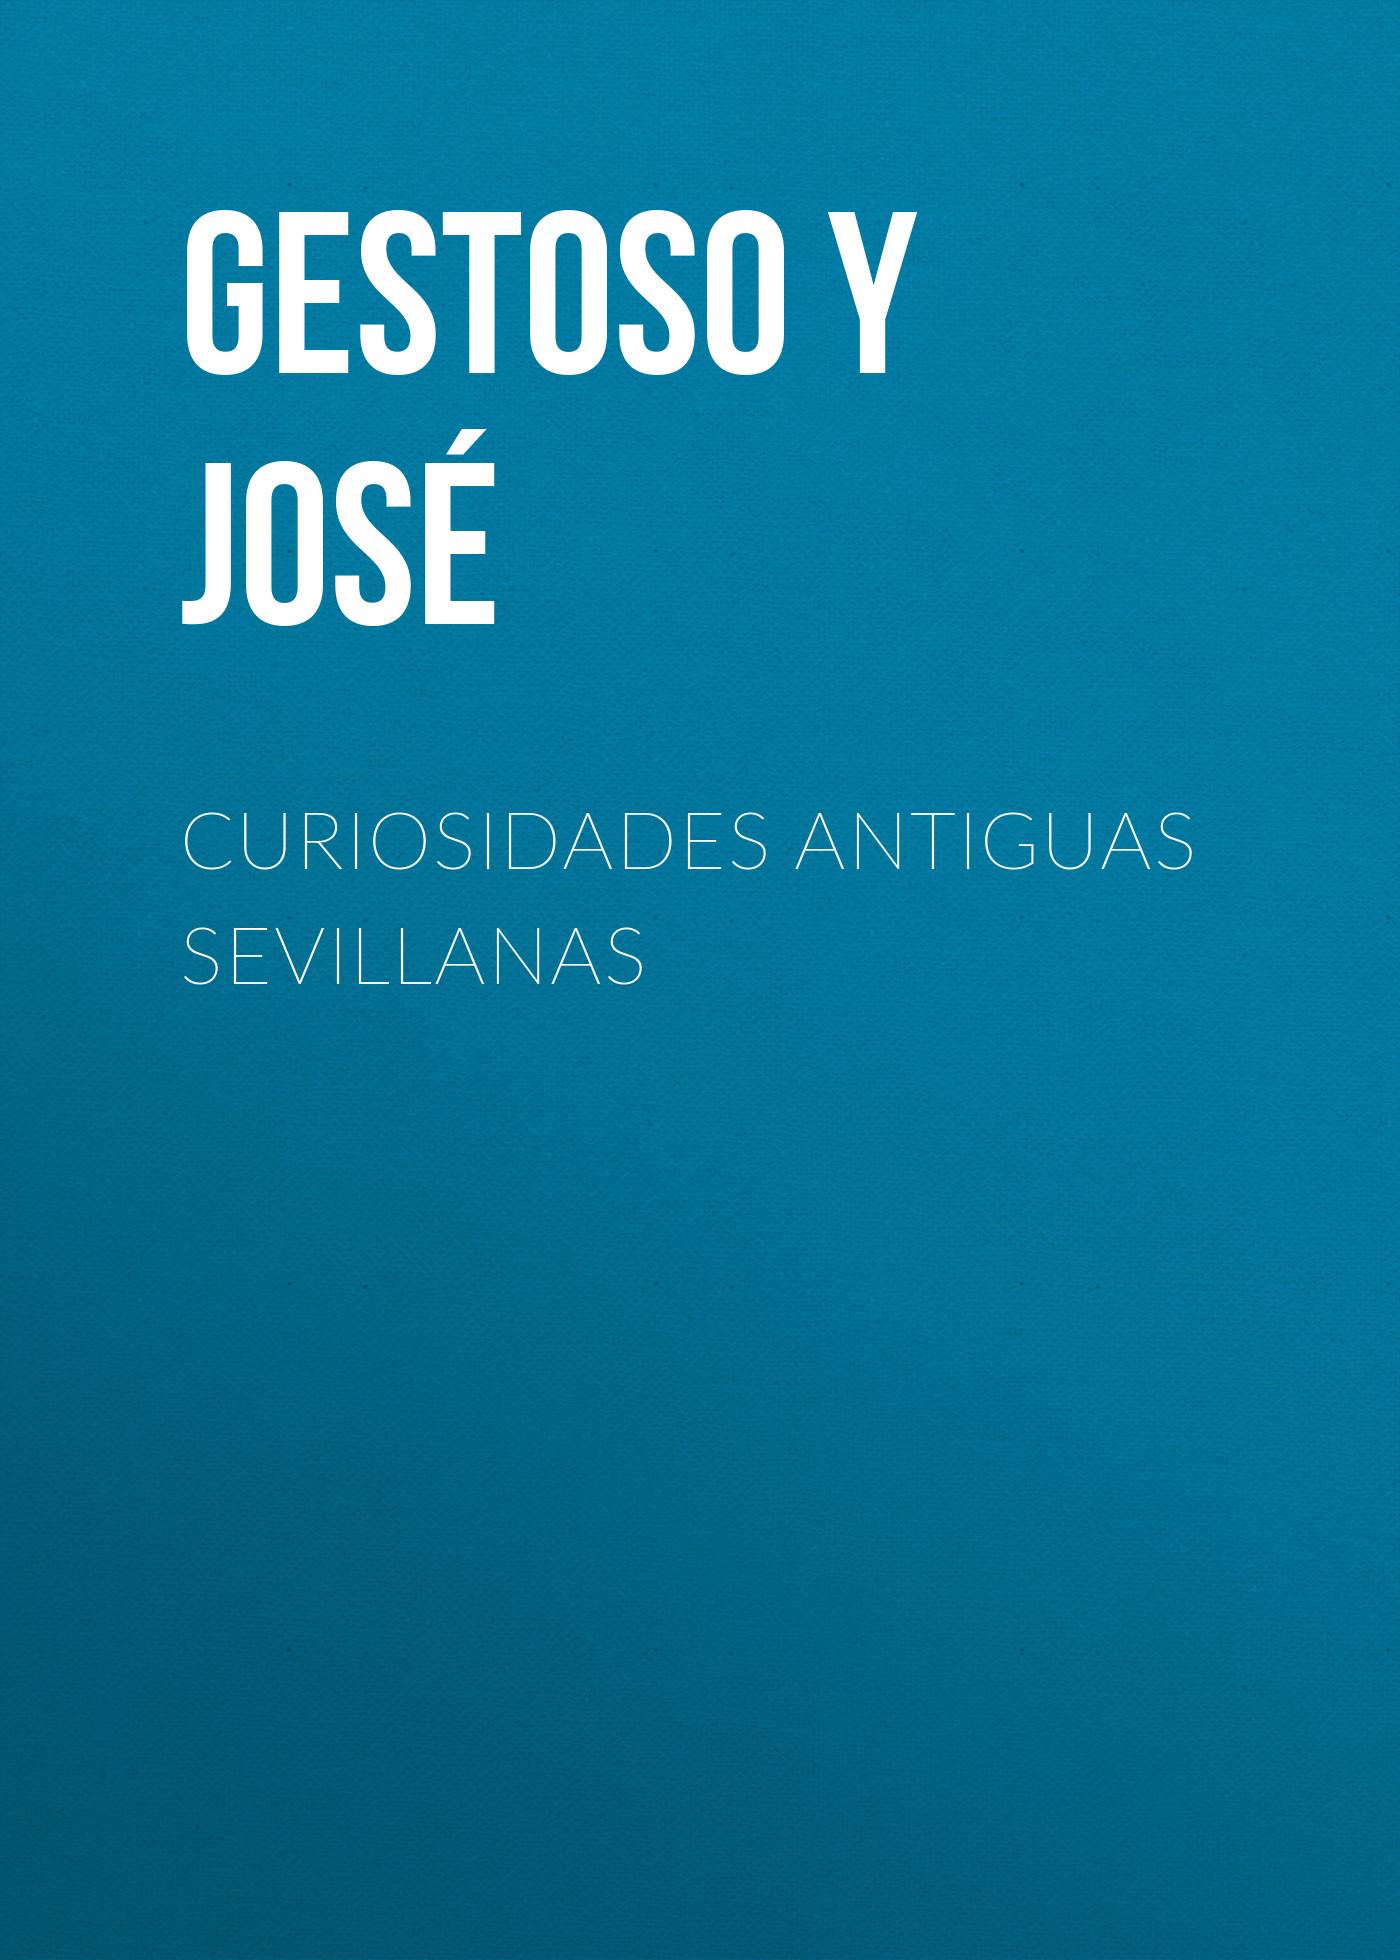 Gestoso y Pérez José Curiosidades antiguas sevillanas